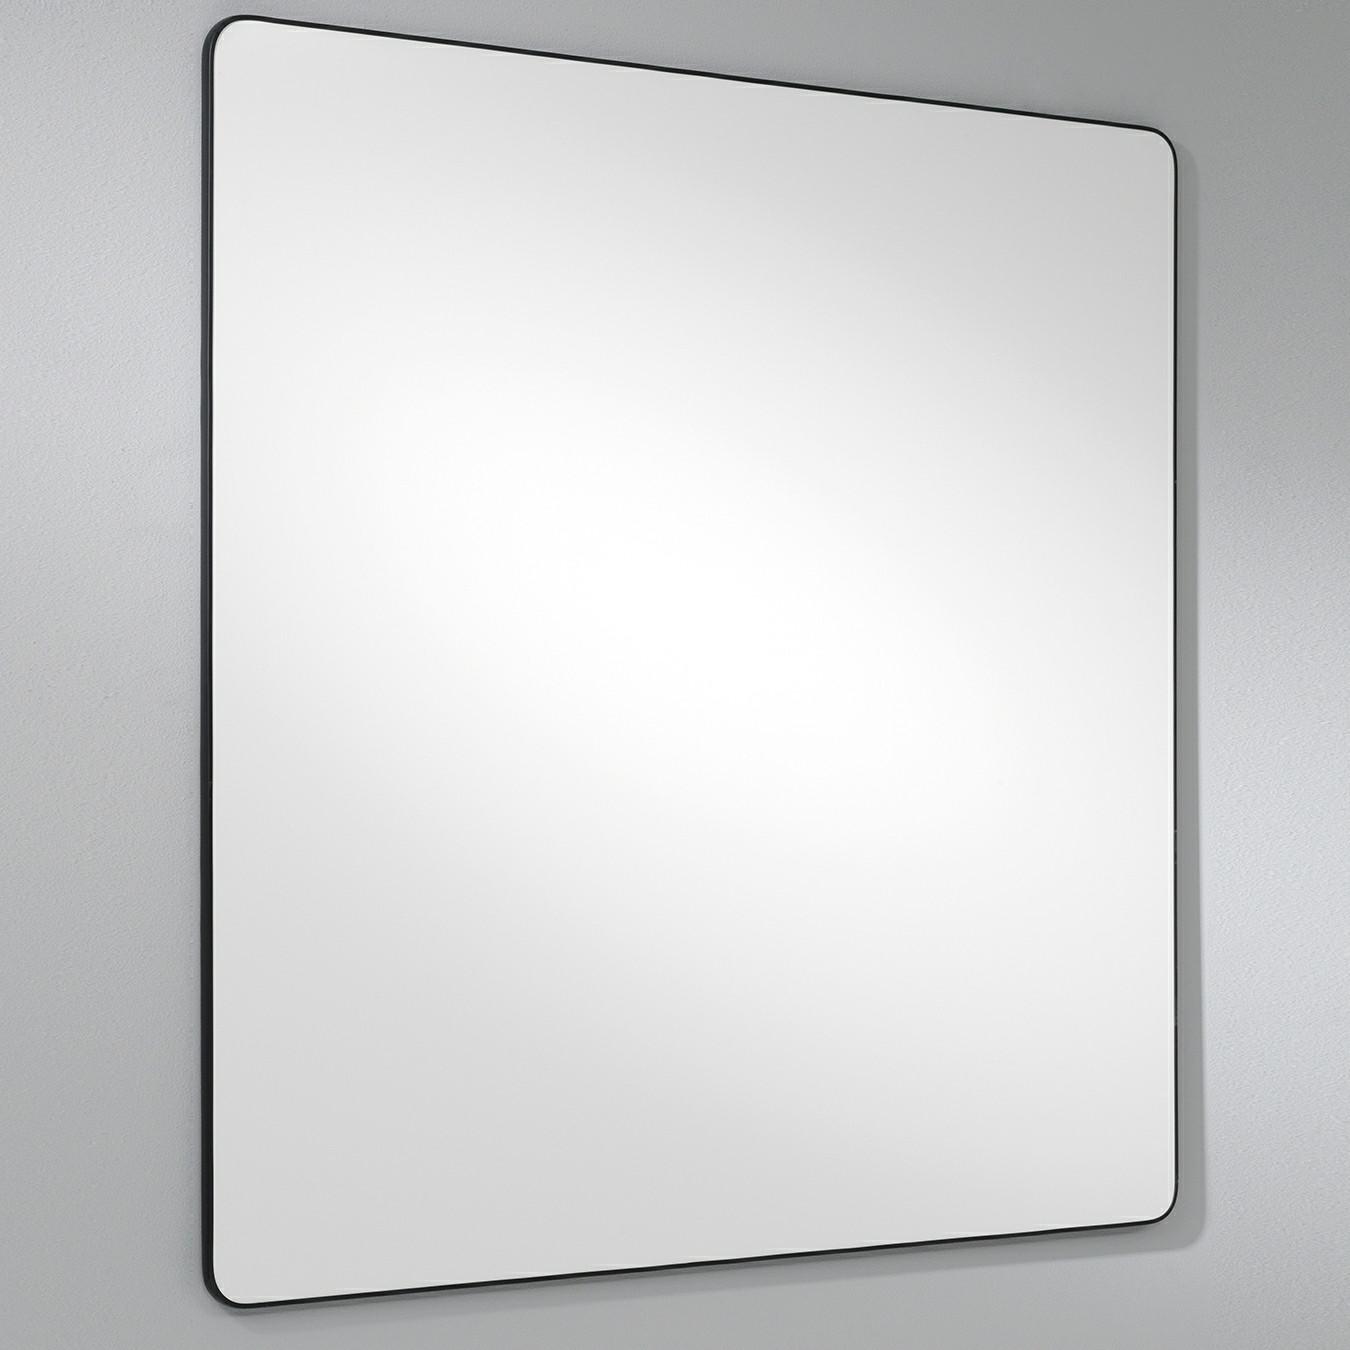 Lintex Edge - Hvid whiteboardtavle med sort kantliste 300 x 120 cm